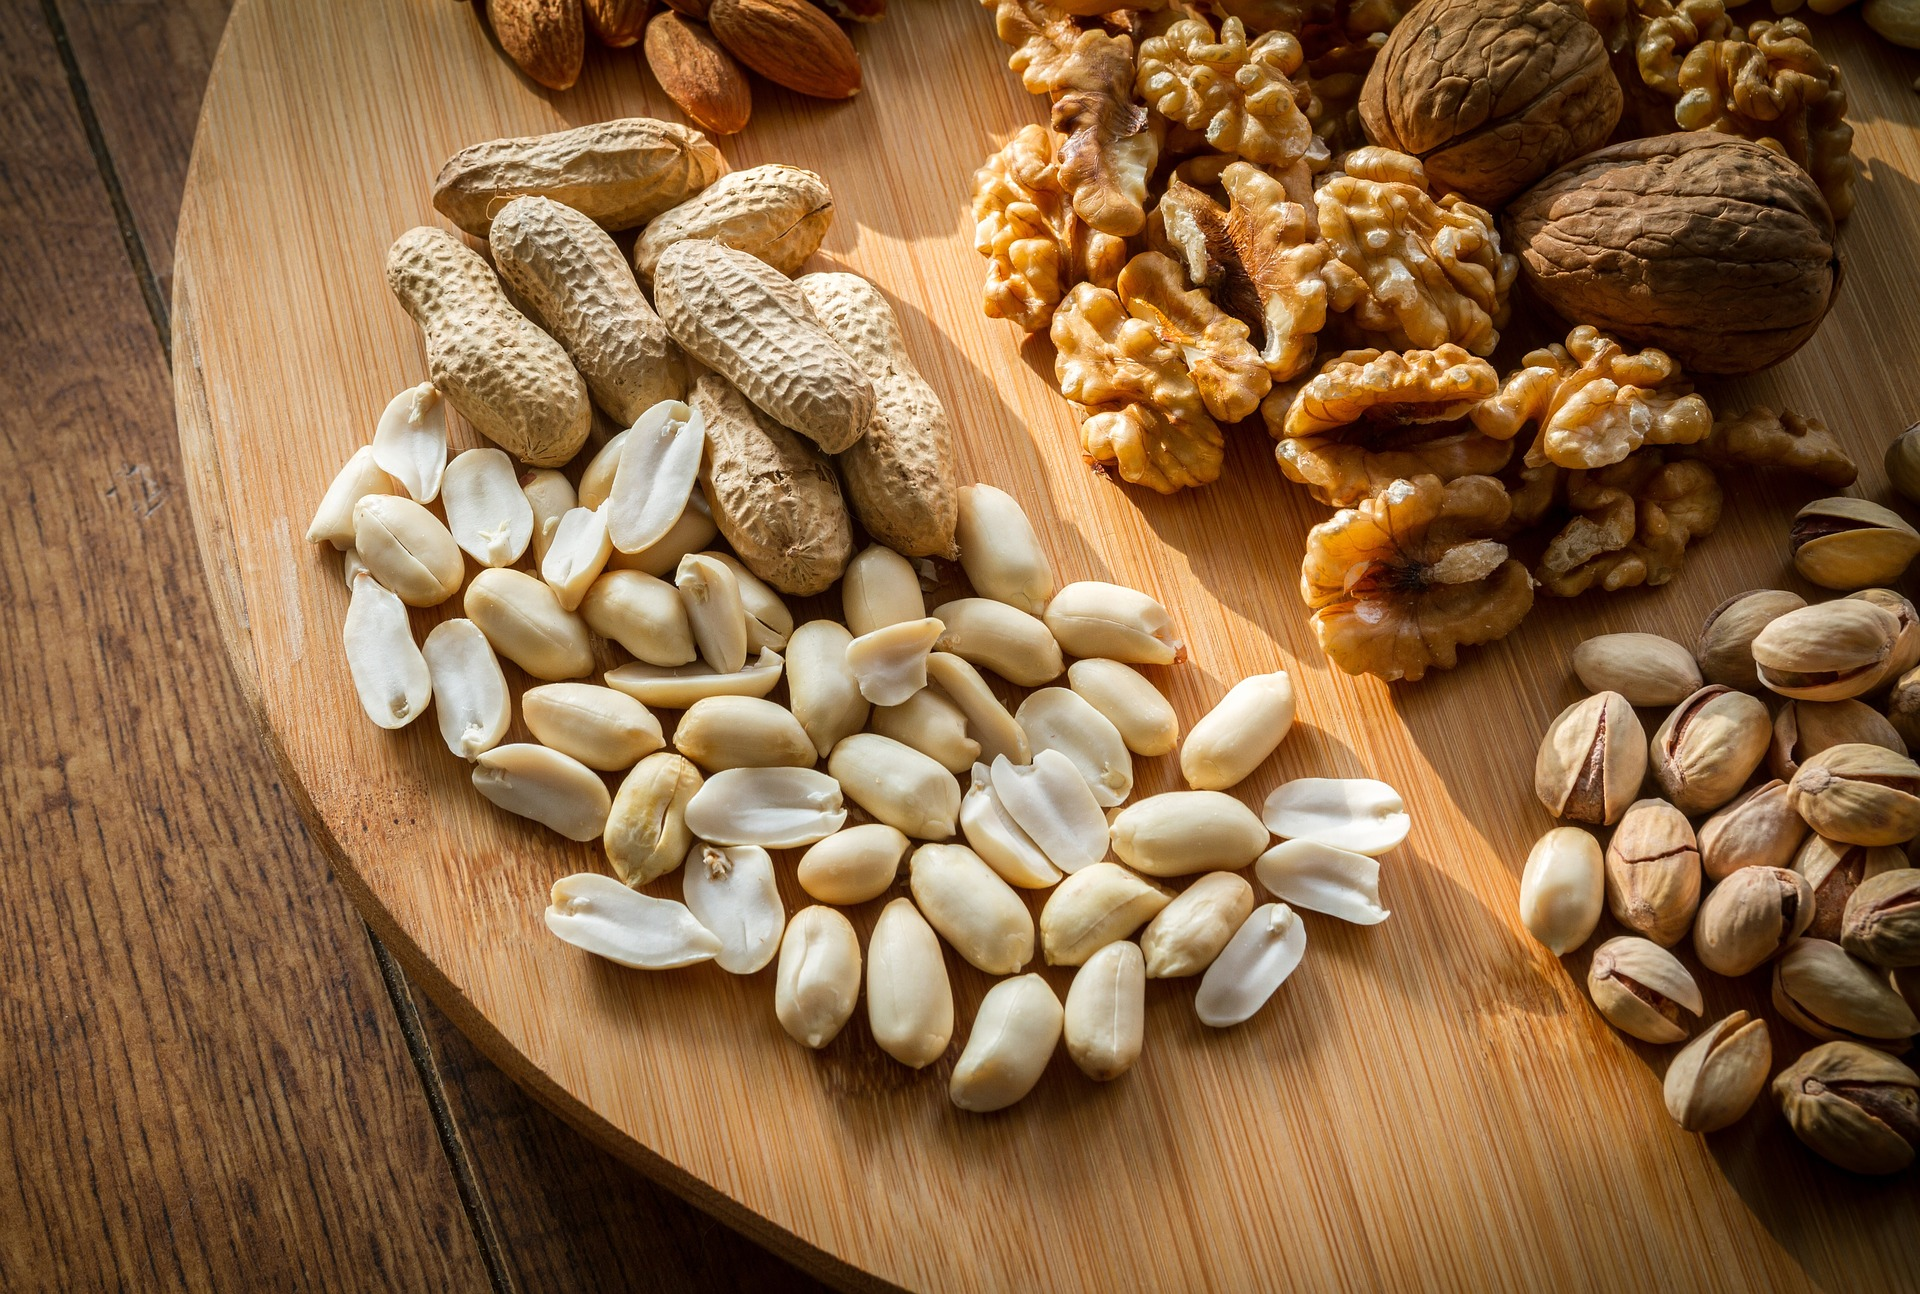 Alimentación Rica en Hierro - Hábitos Saludables de Vida